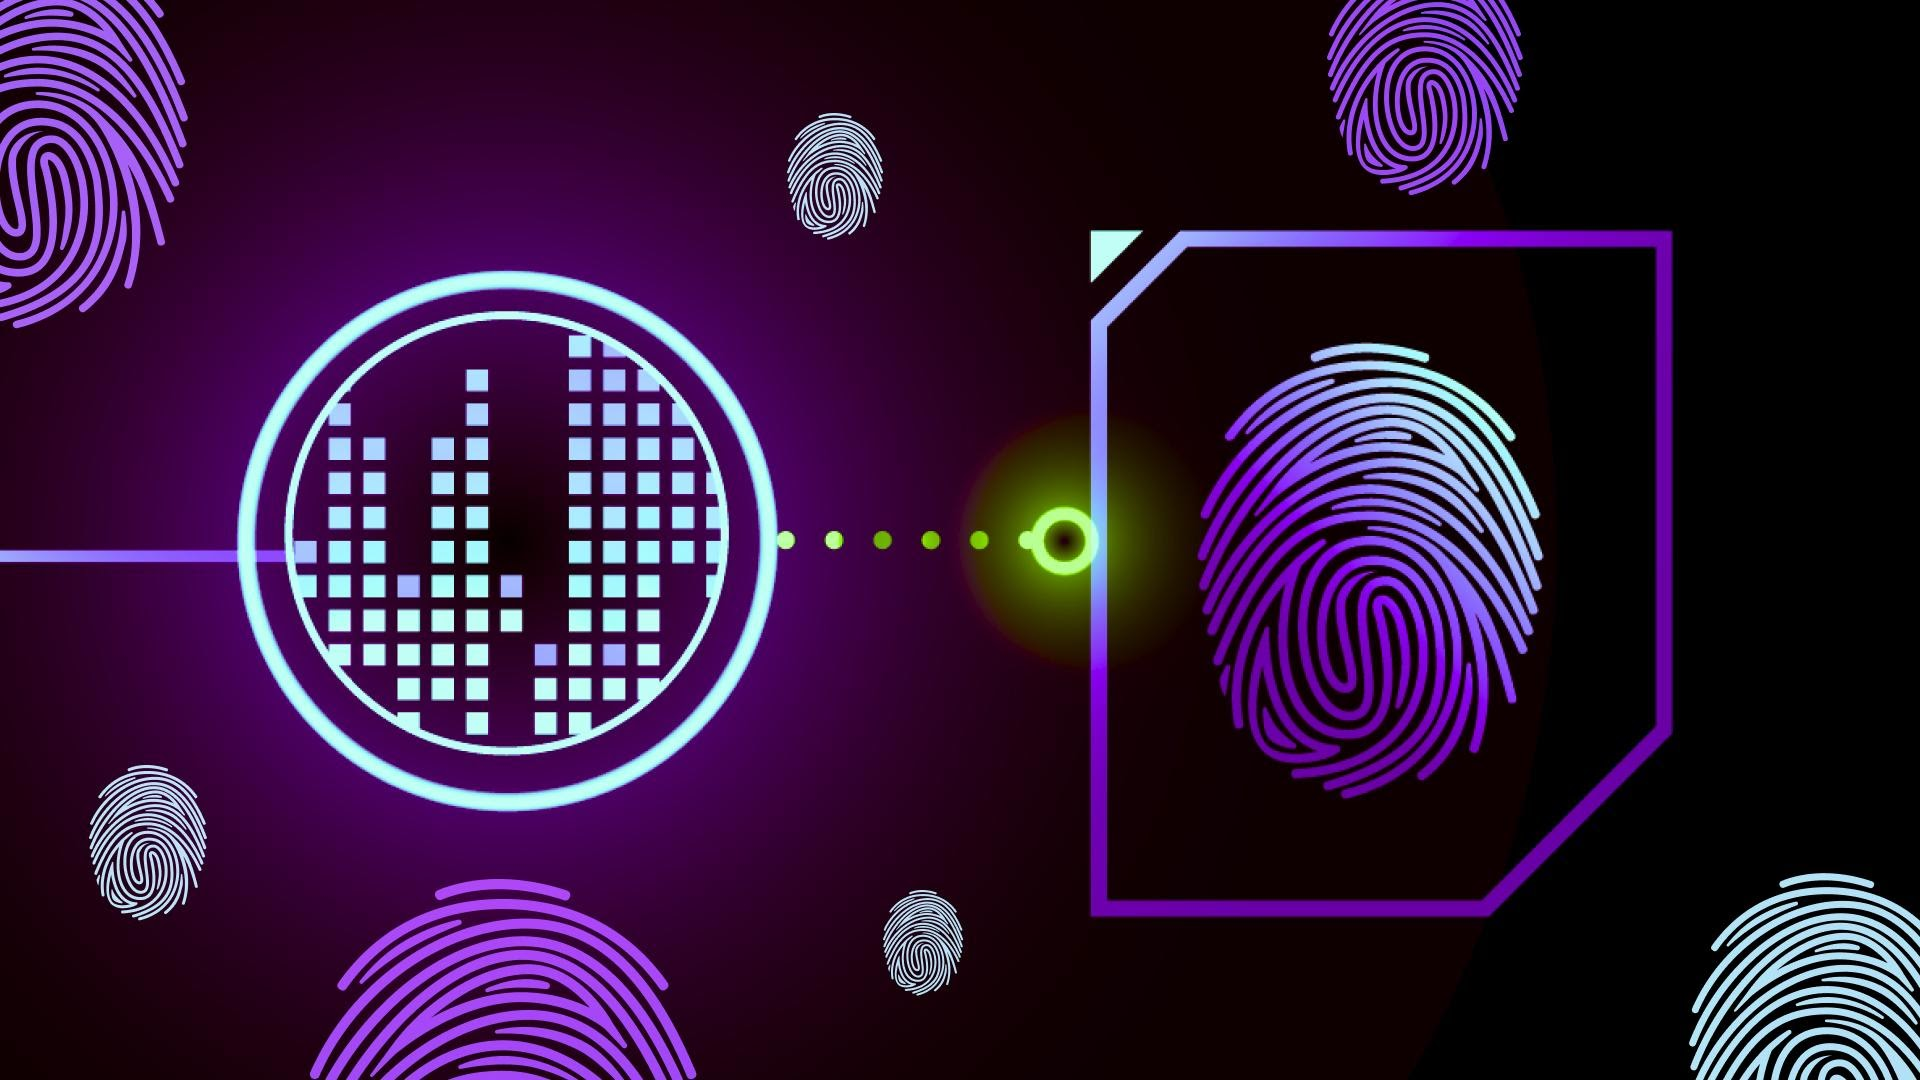 NFT: зарождающийся рынок крипто-искусства заново изобретает способ продажи уникальных произведений искусства.